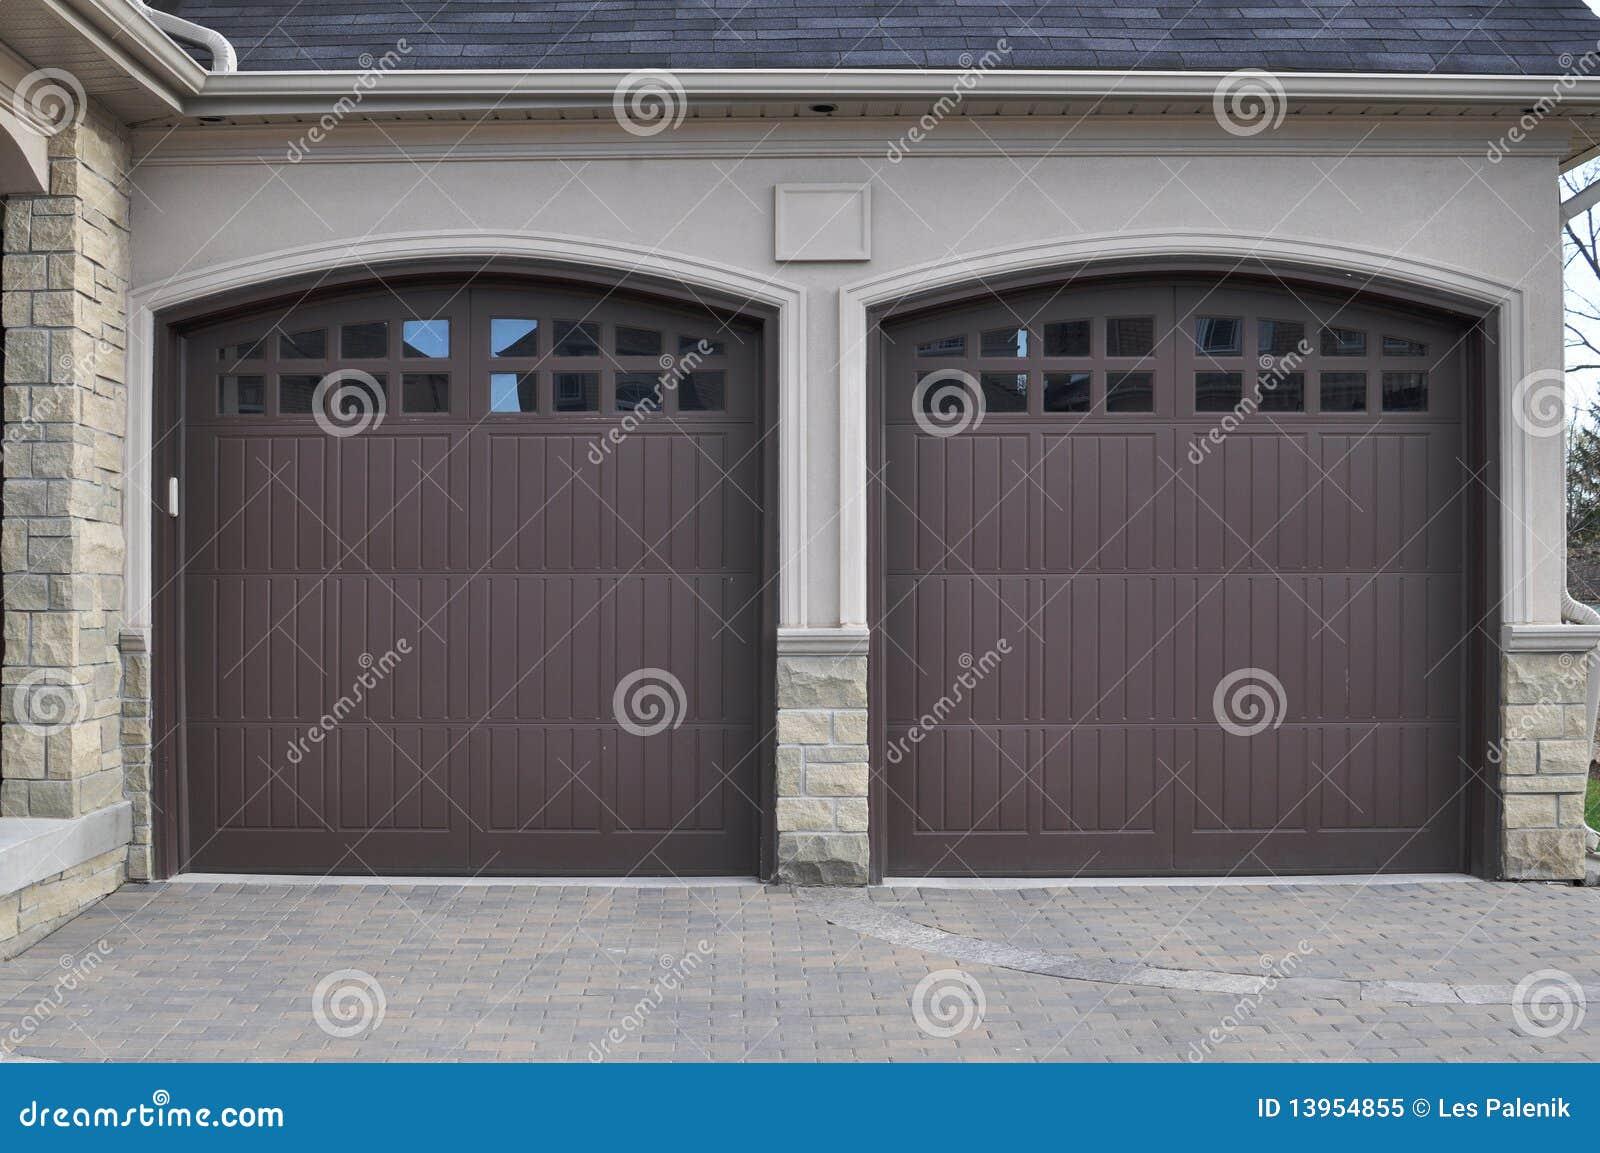 953 #736F58 Double Garage Doors Royalty Free Stock Photo Image: 13954855 image Garage Doors Delaware 37431300